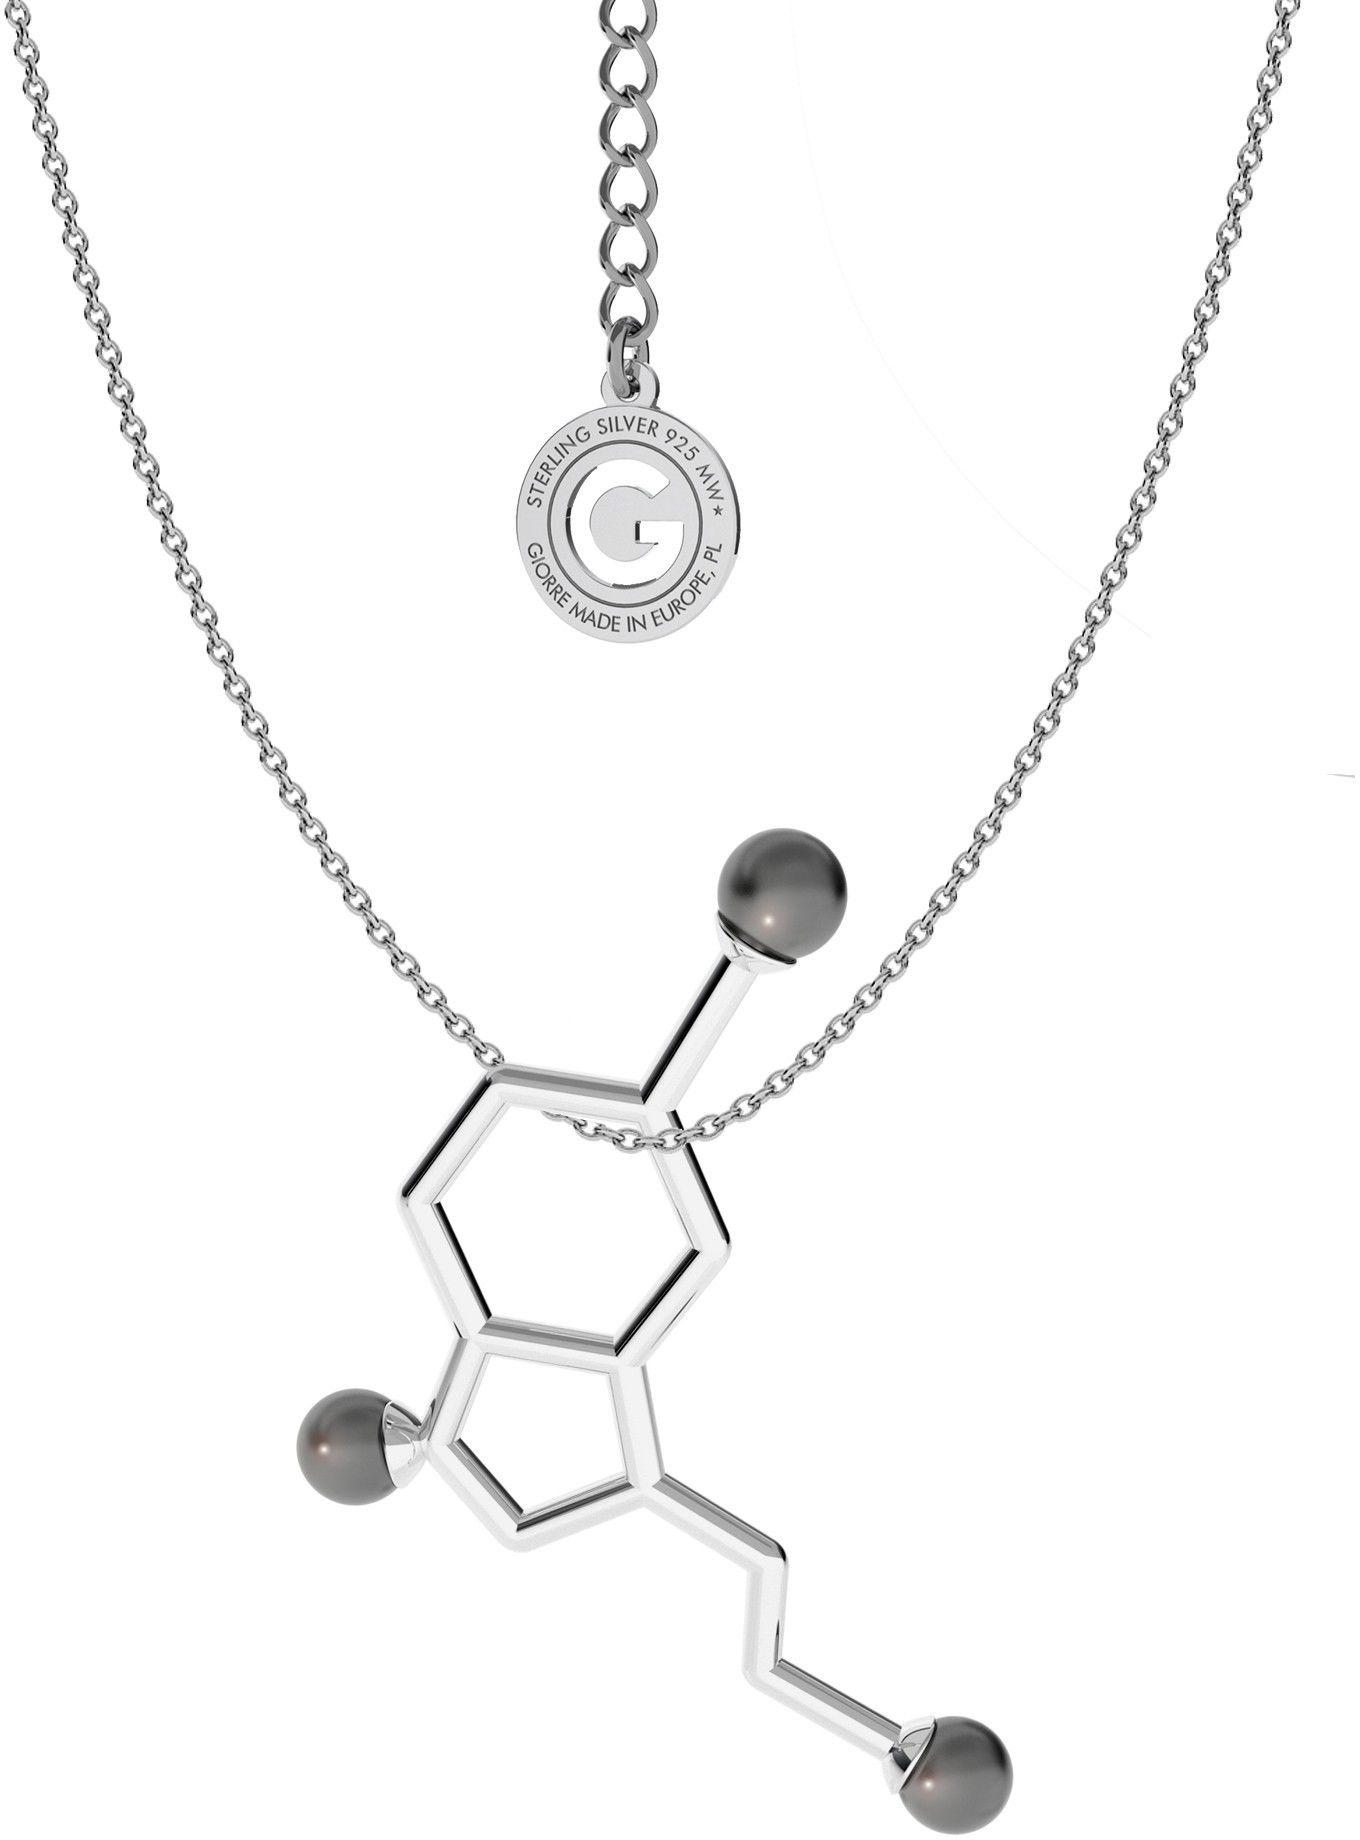 Srebrny naszyjnik - serotonina z małymi perłami Swarovskiego, wzór chemiczny, srebro 925 : Perła - kolory - SWAROVSKI BLACK, Srebro - kolor pokrycia - Pokrycie platyną